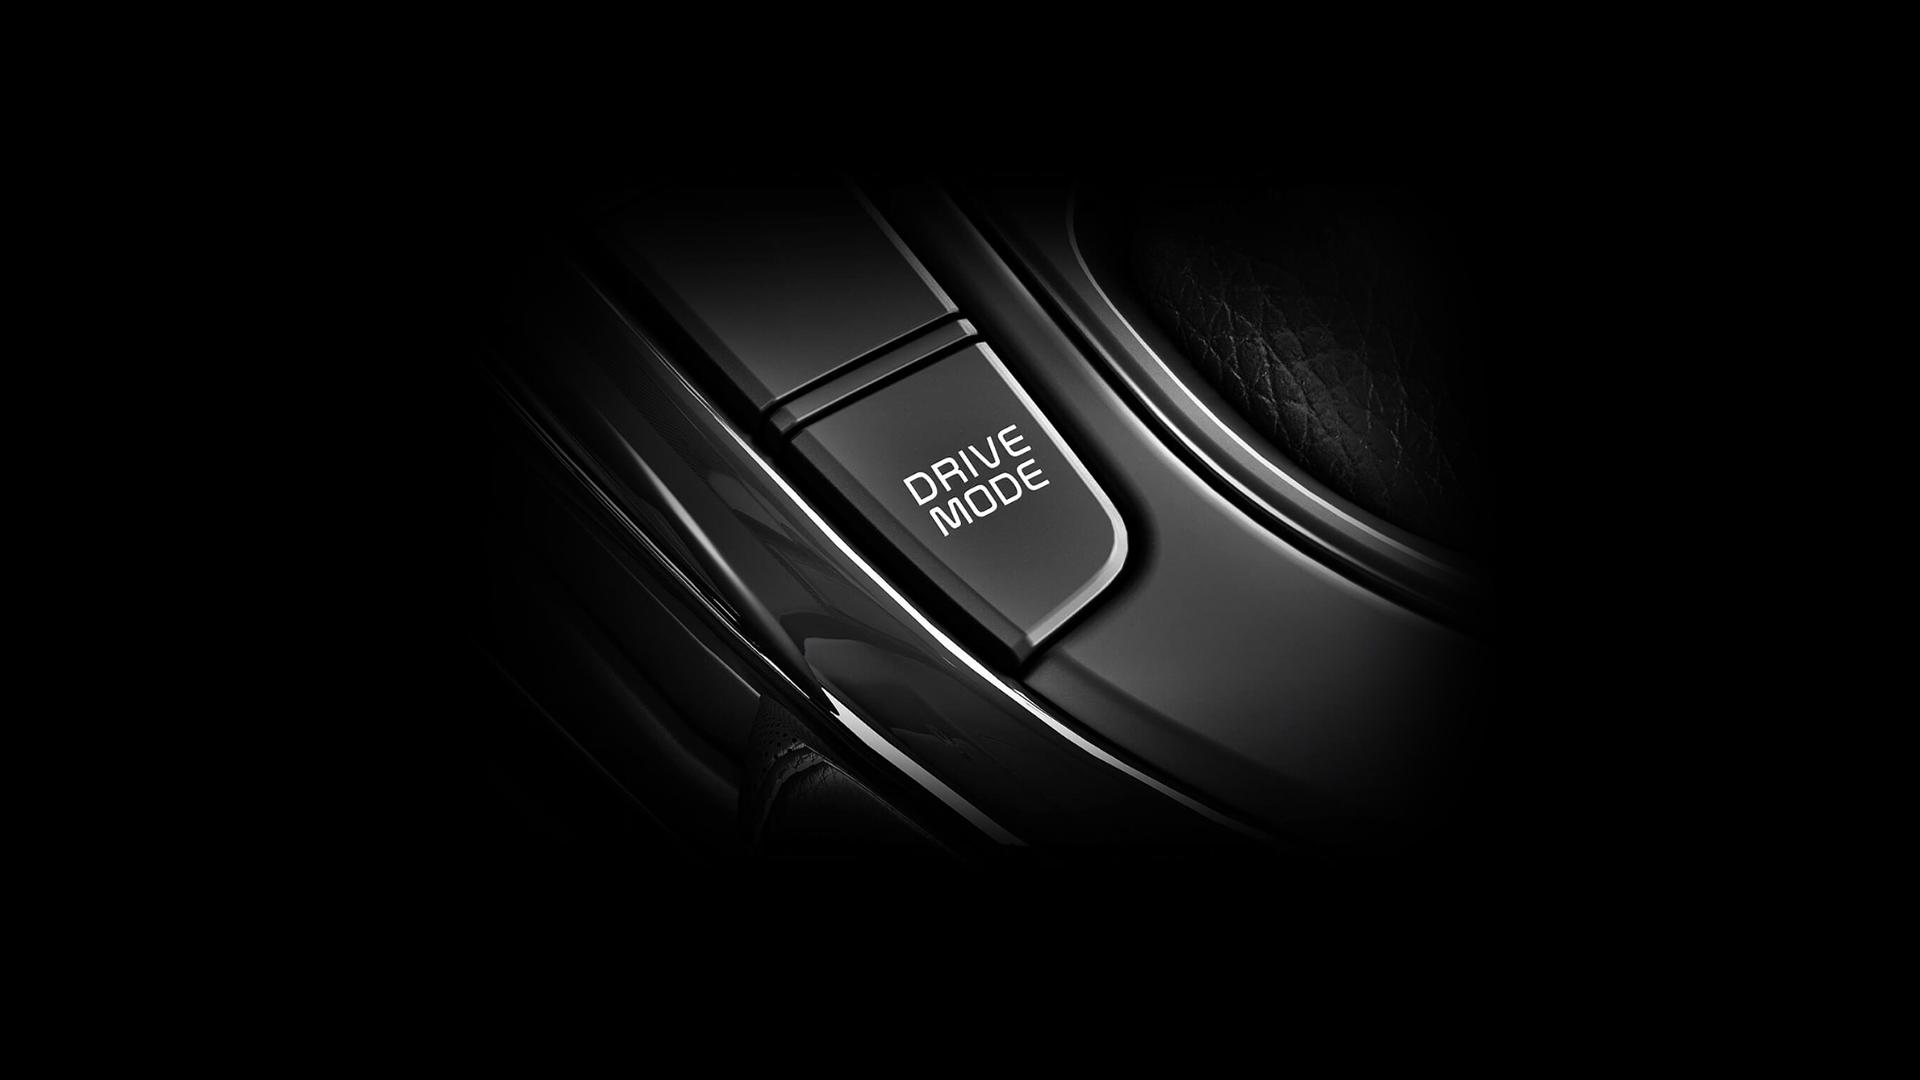 Chế độ lái (DMS) (1.6 AT, 2.0 AT) : với hộp số tự động DMS cho phép bạn tùy chọn chế độ Comfort,Eco hoặc Sport phù hợp với sở thích và điều kiện lái xe của bạn